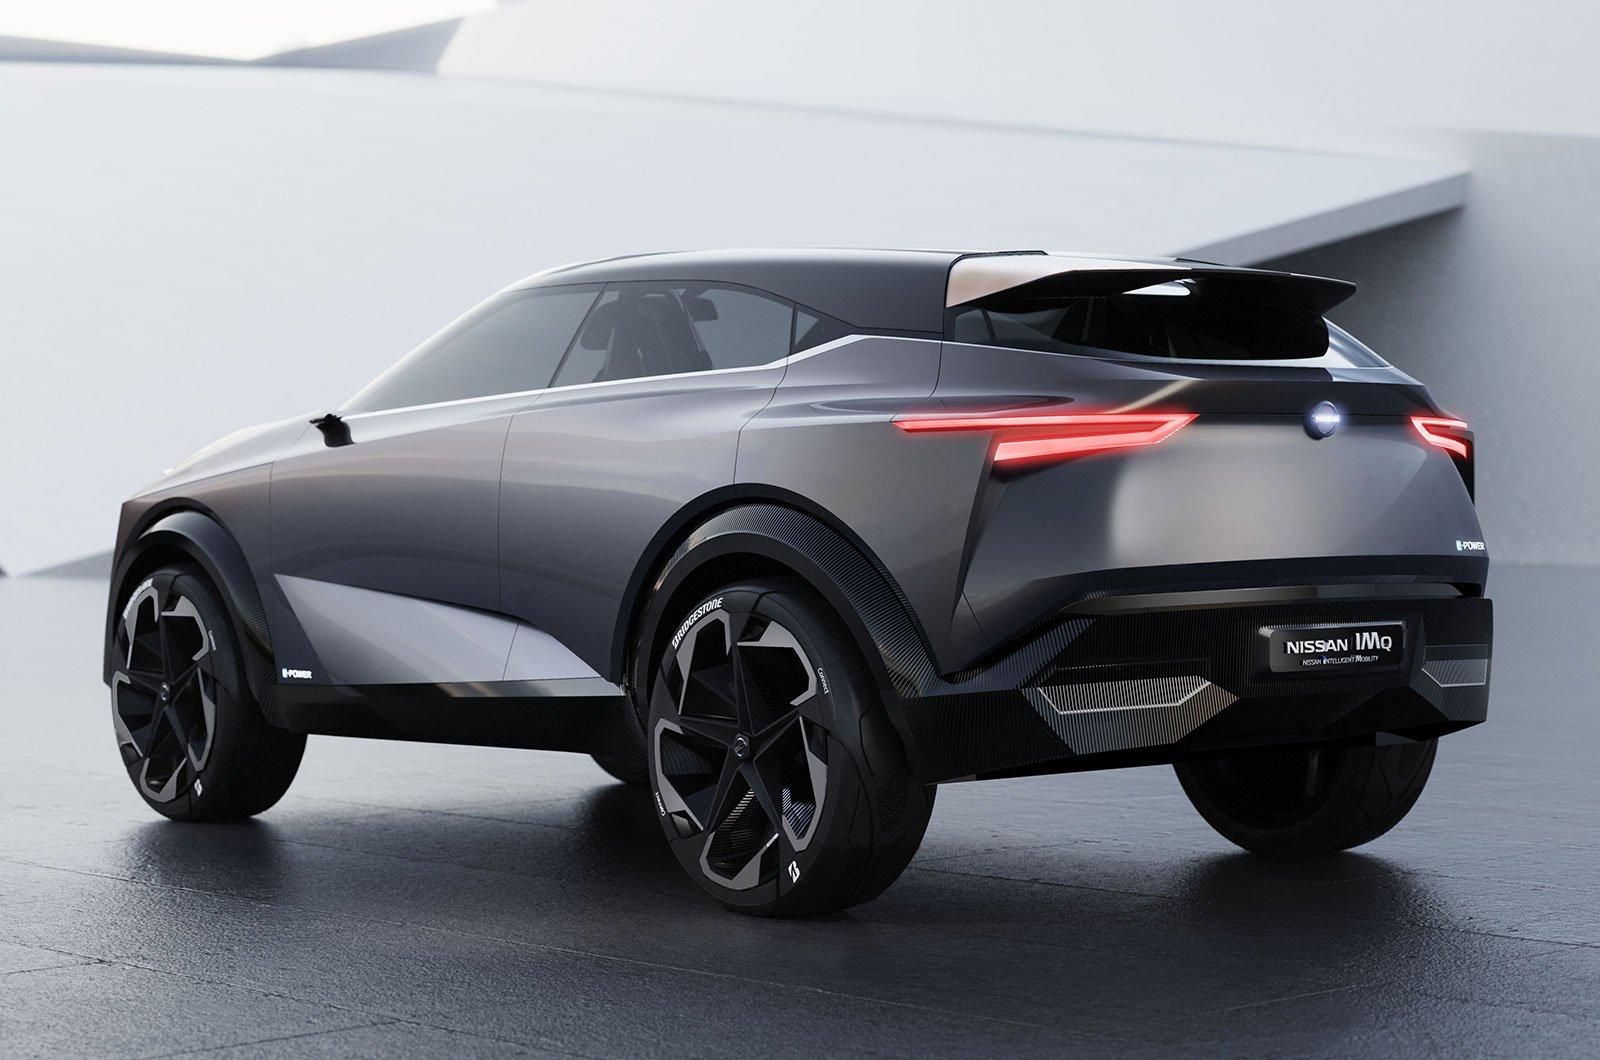 Nissan iMQ rear